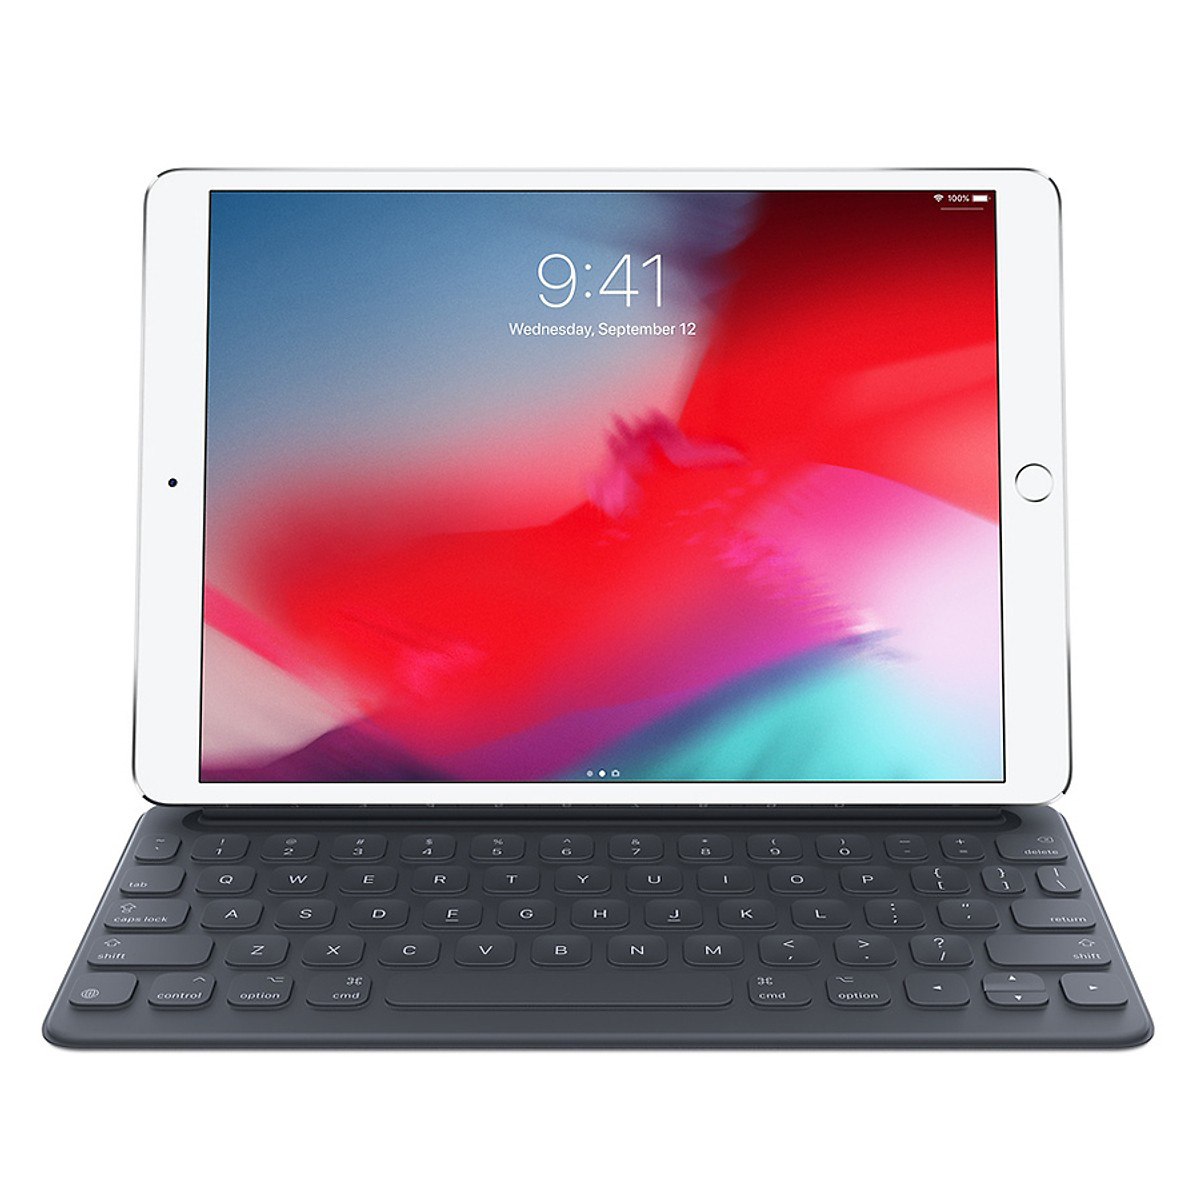 Bàn phím Apple iPad  Gen 7/ Gen 8/ Pro 10.5 inch Mới Chính Hãng